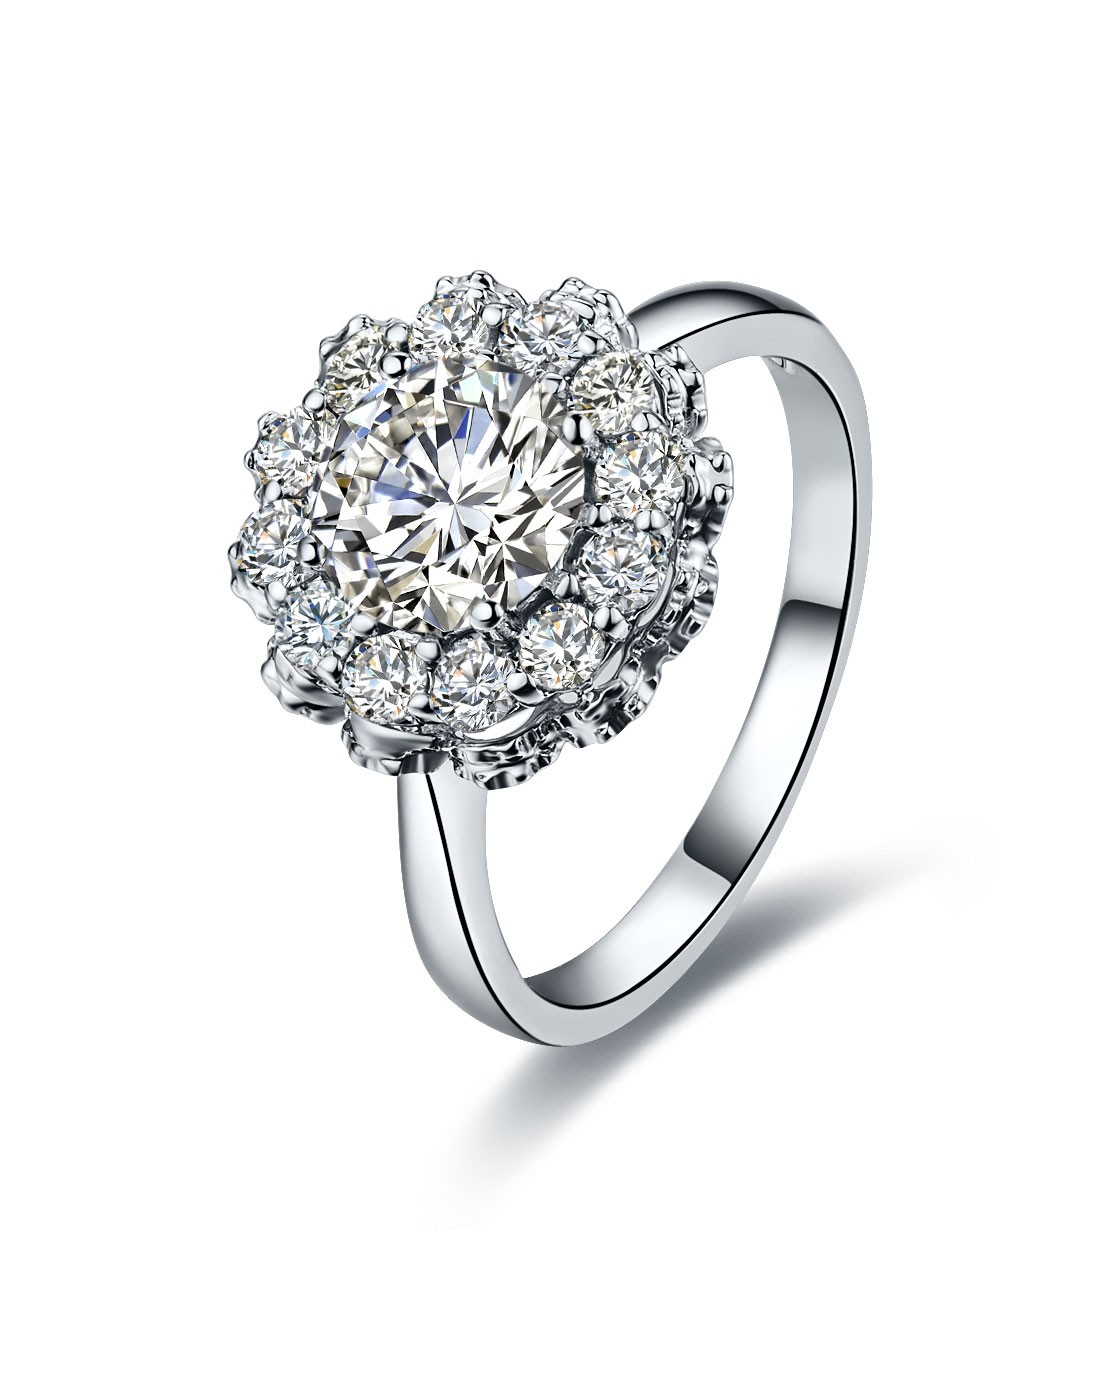 爱度DOIDO珠宝专场1.43克拉18K金钻石女戒-